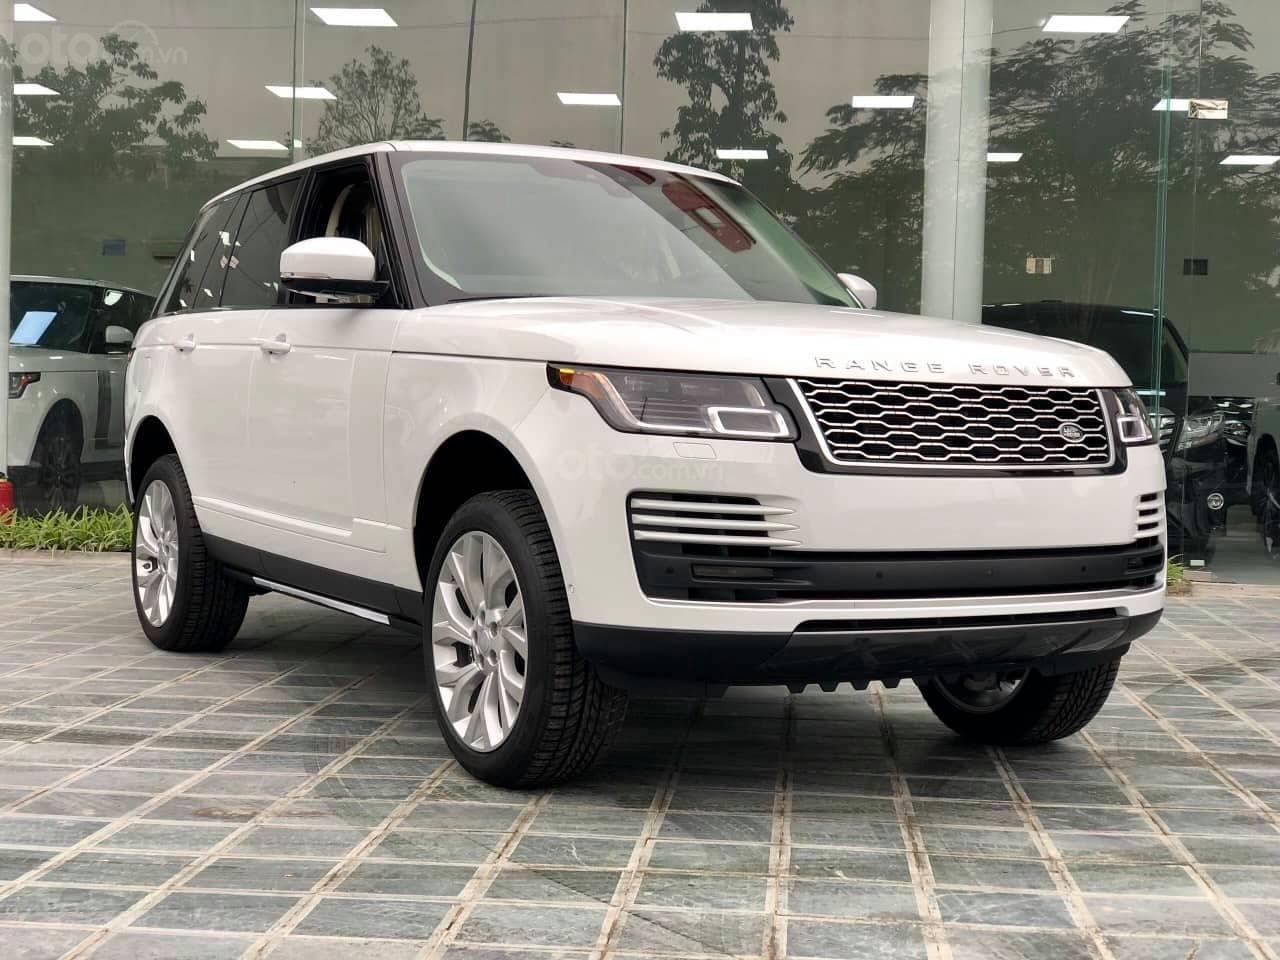 Bán ô tô LandRover Range Rover HSE đời 2018, màu trắng, nhập khẩu nguyên chiếc, LH 0905098888 - 0982.84.2838 (1)